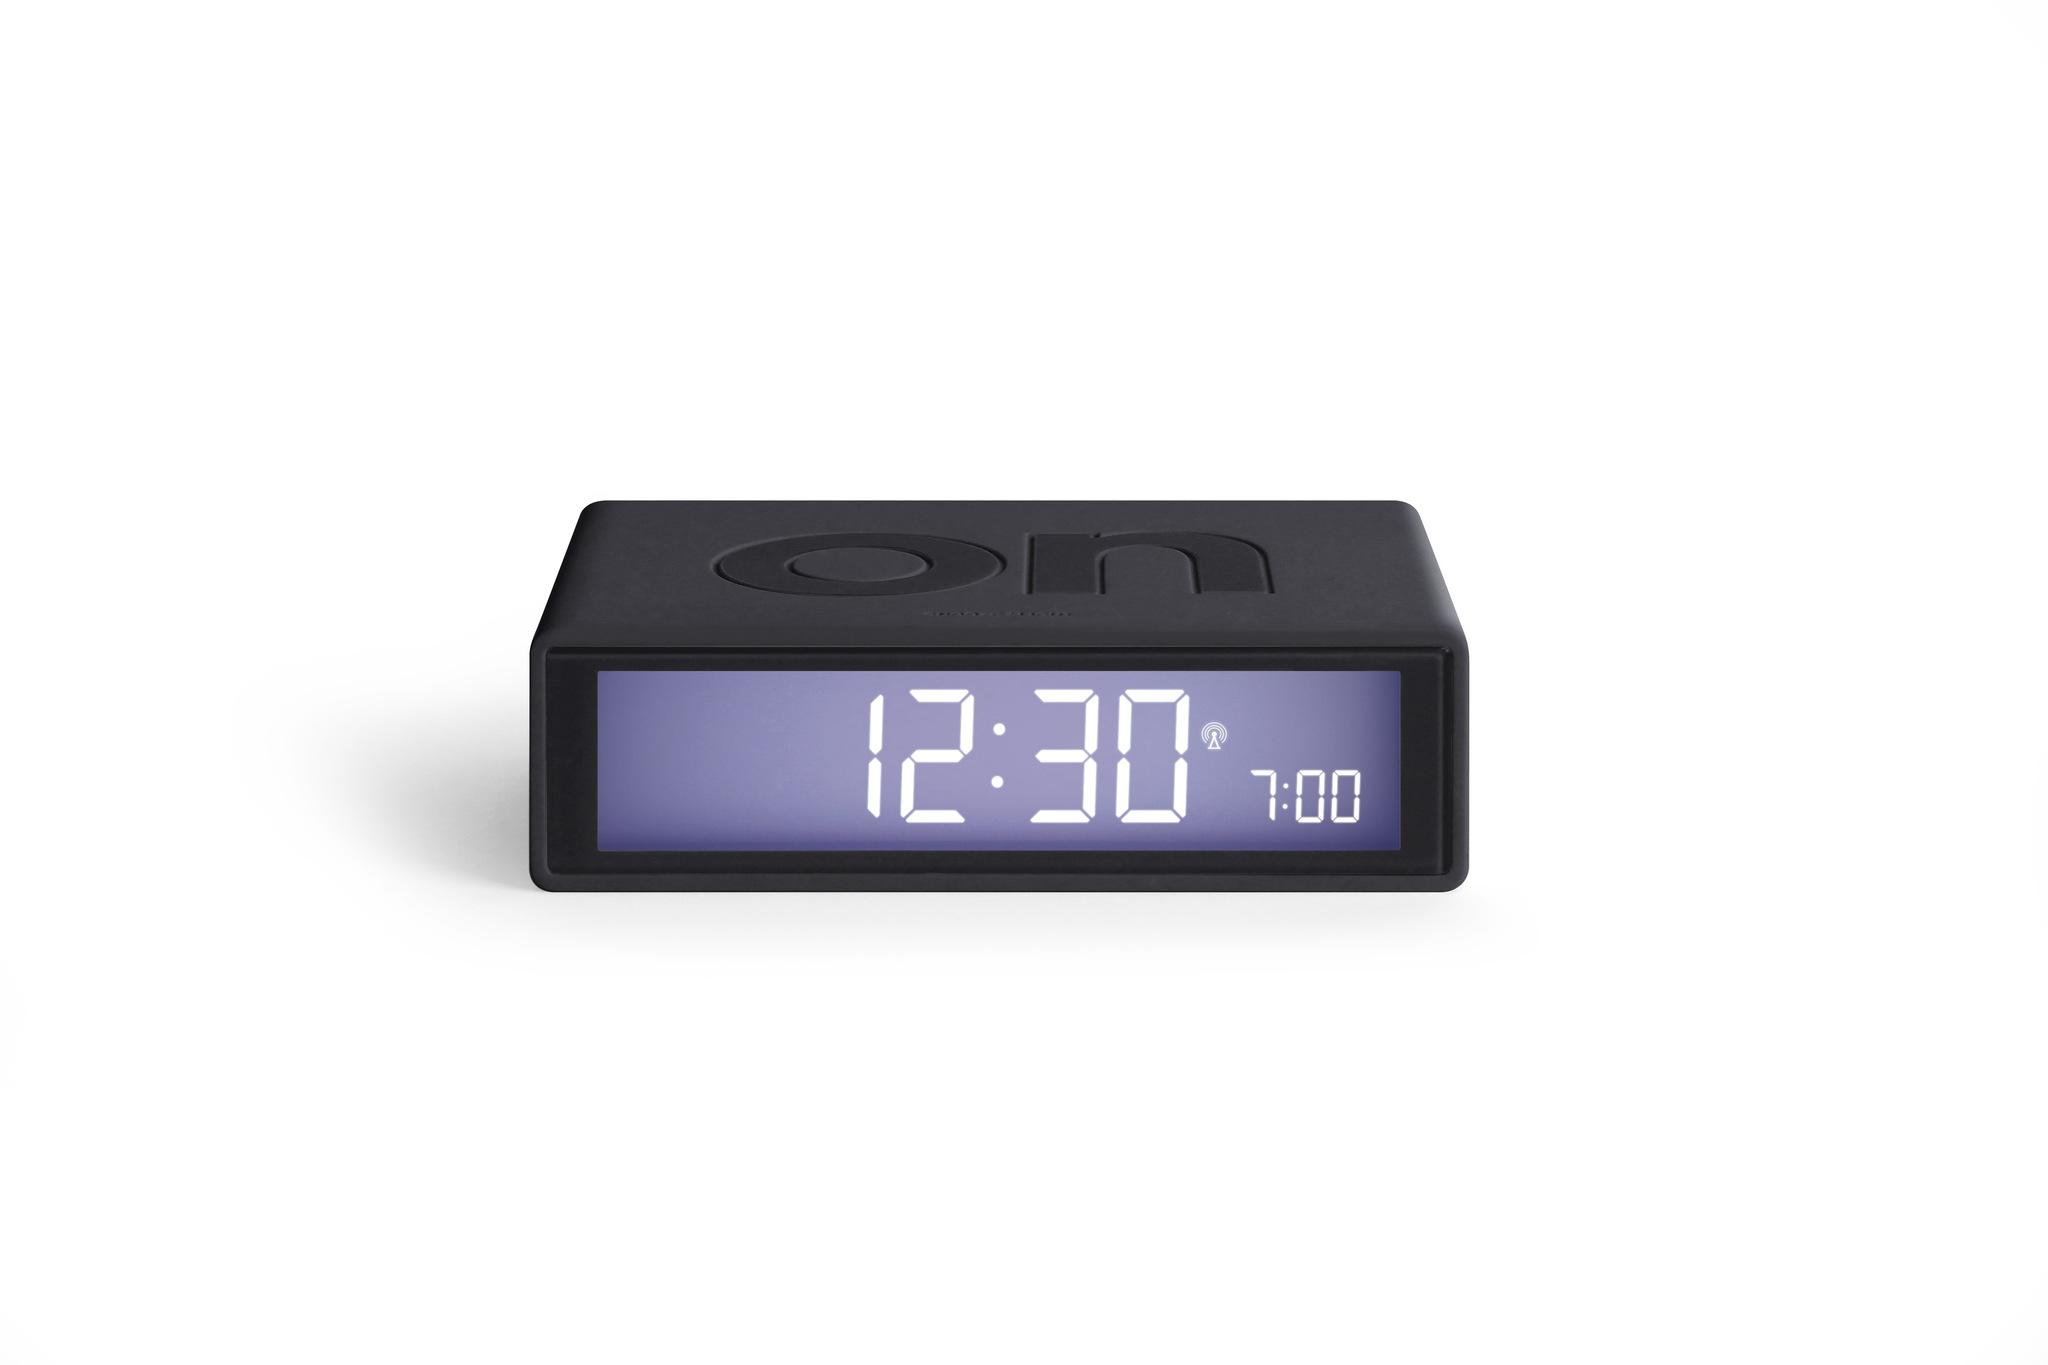 dunkelgrau, funkgesteuert, LCD Display, snooze